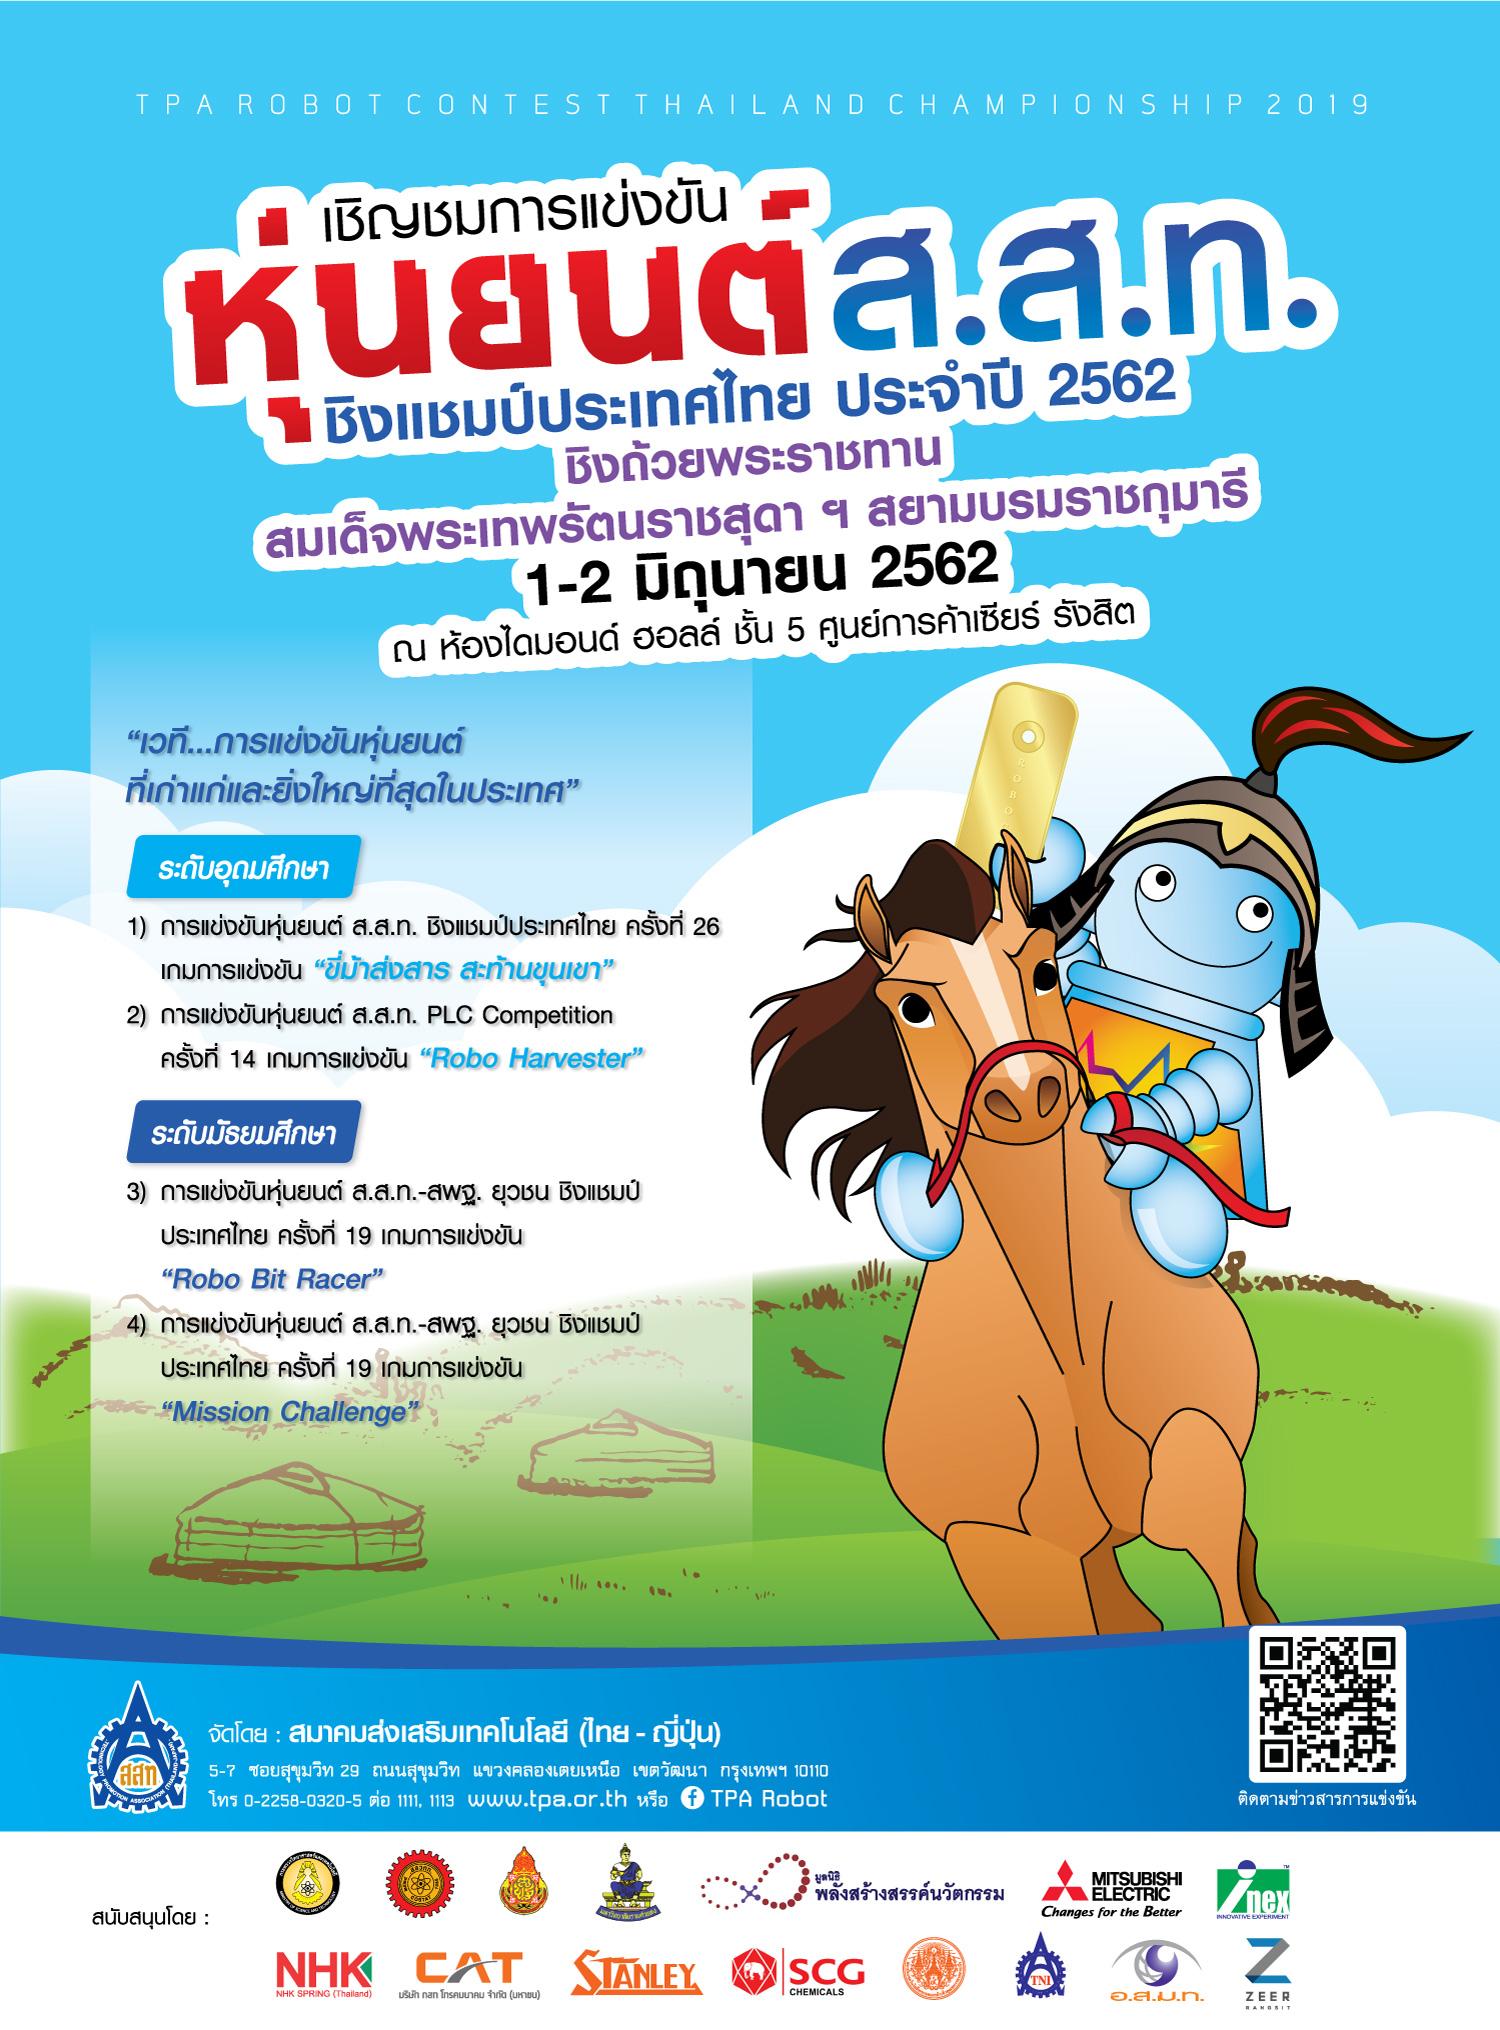 เชิญชมการแข่งขันหุ่นยนต์ ส.ส.ท. ชิงแชมป์ประเทศไทย ประจำปี 2562 13 -